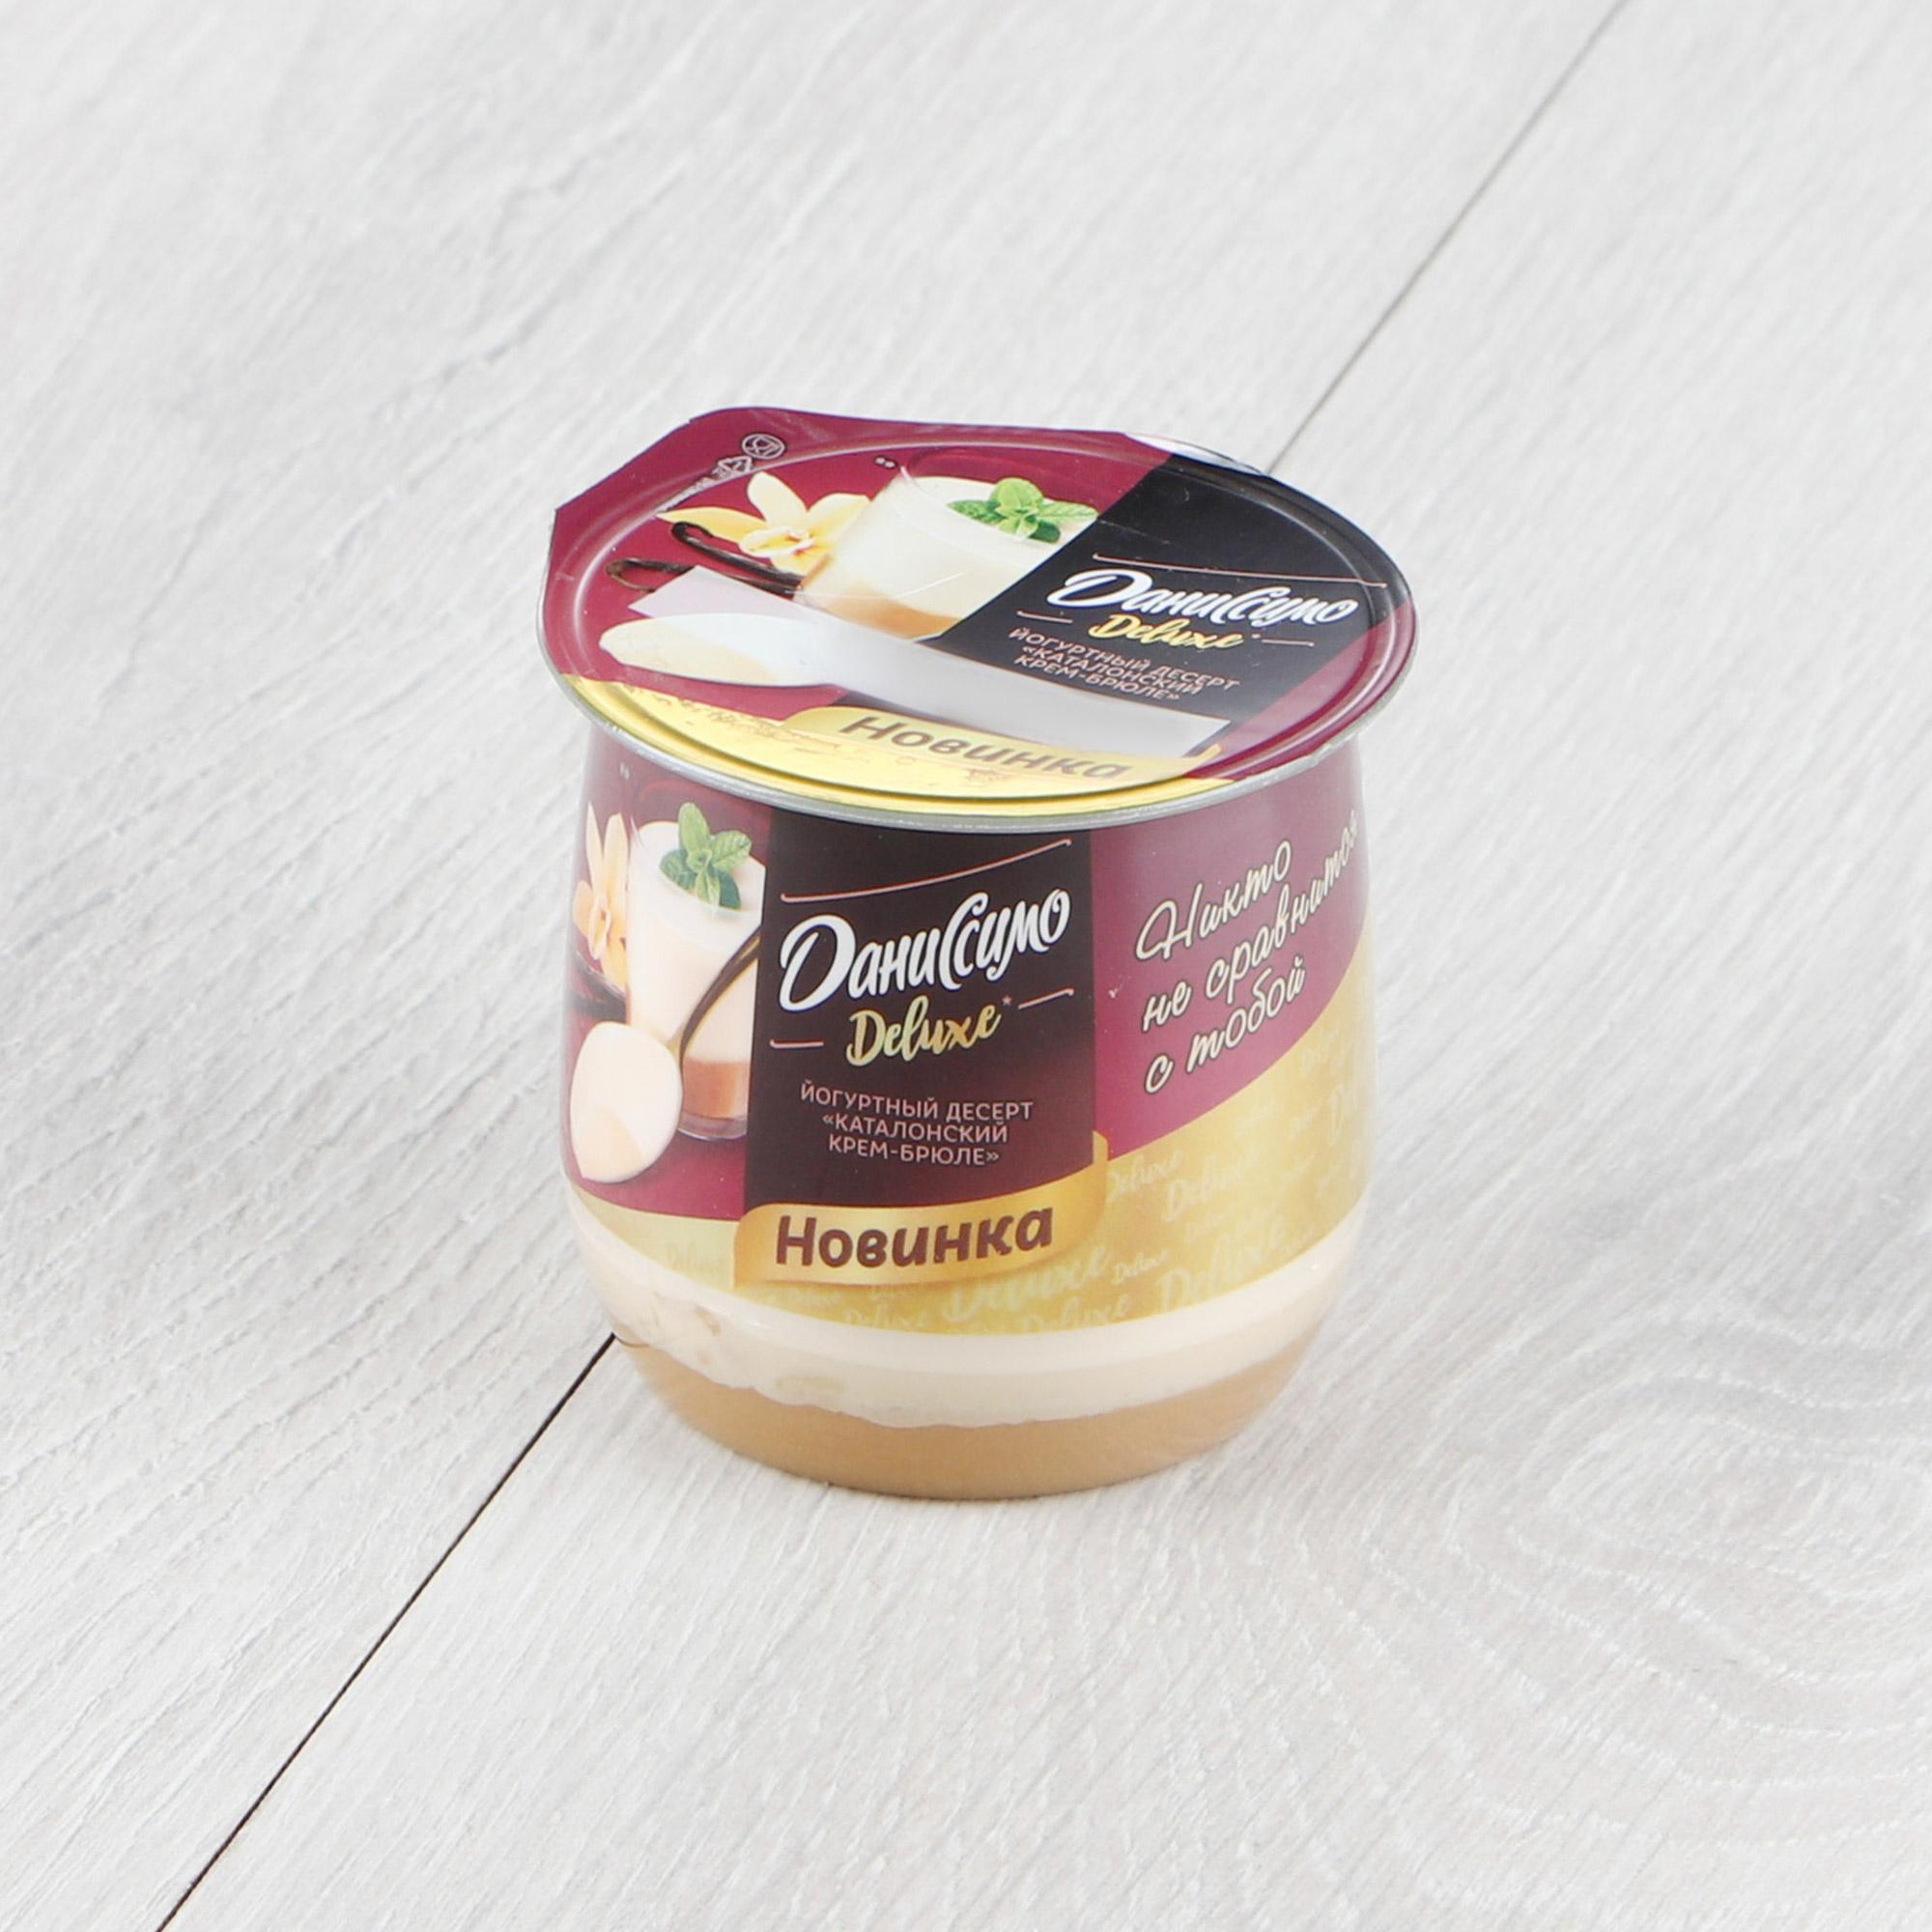 Десерт Даниссимо Deluxe Ваниль, каталонский крем-брюле 160 г кровать compass ас 11 ваниль 160